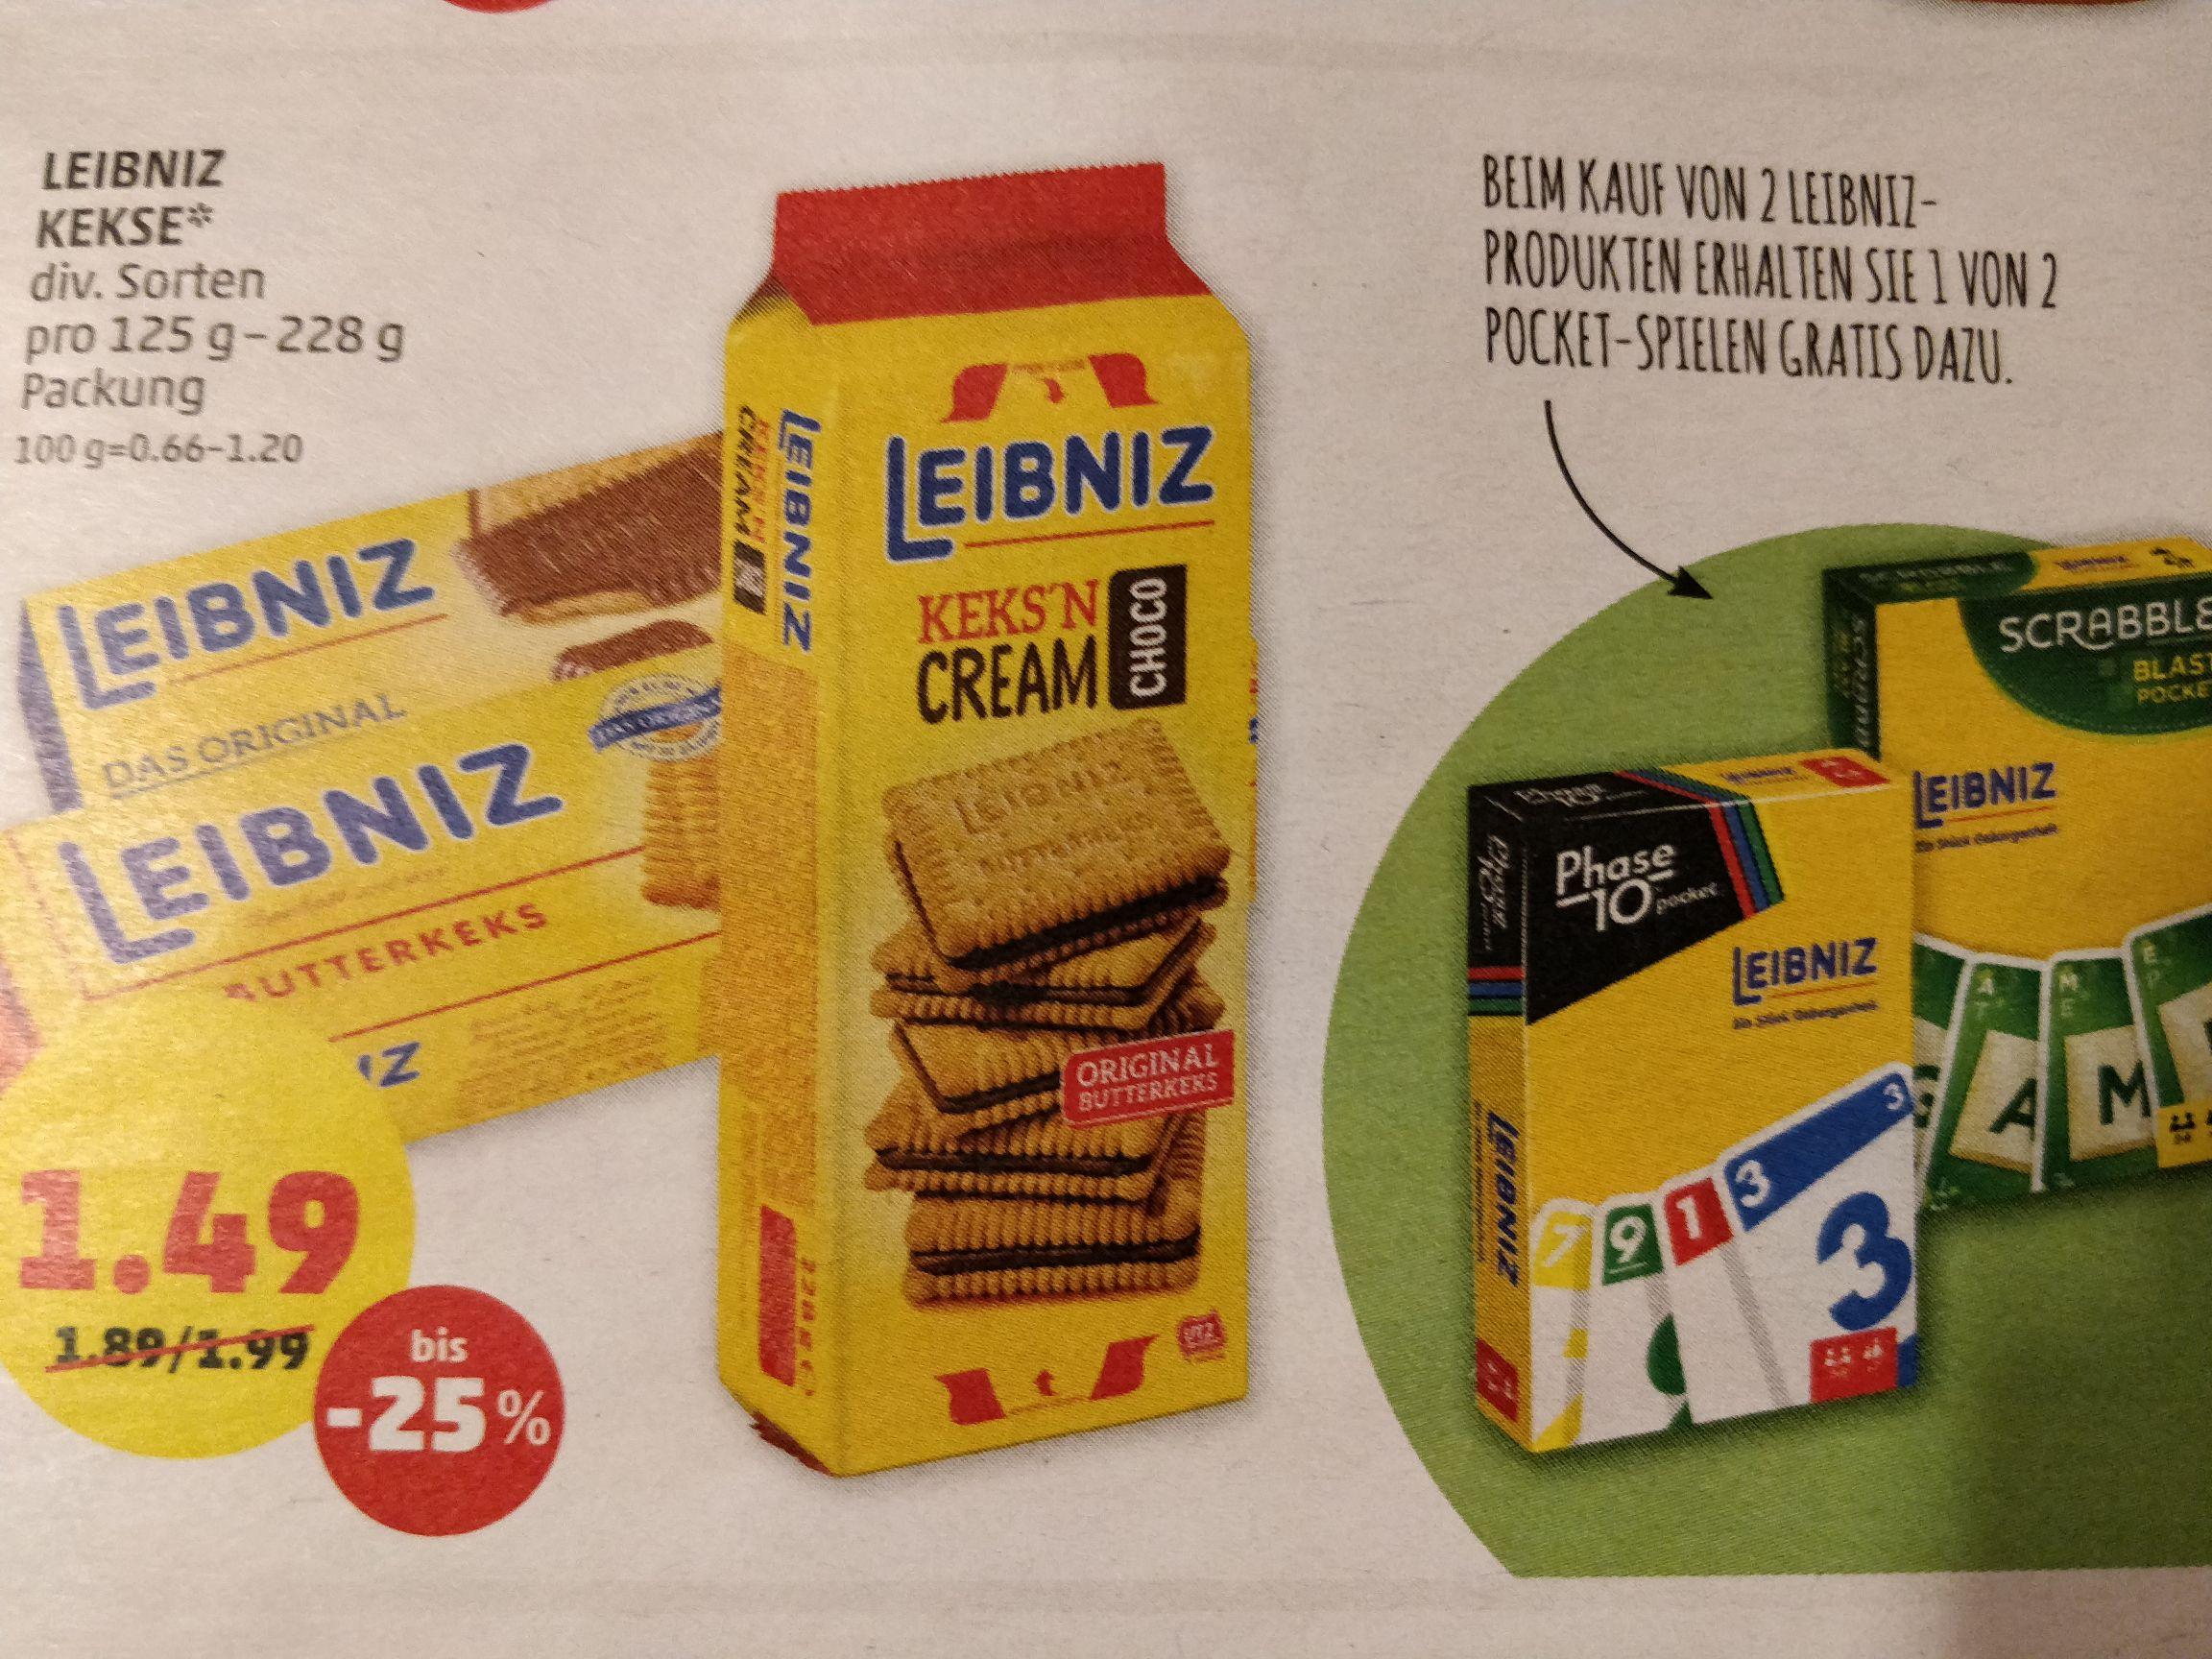 (Penny) 2 Packungen Leibniz Kekse kaufen und 1 gratis Pocket Spiel erhalten